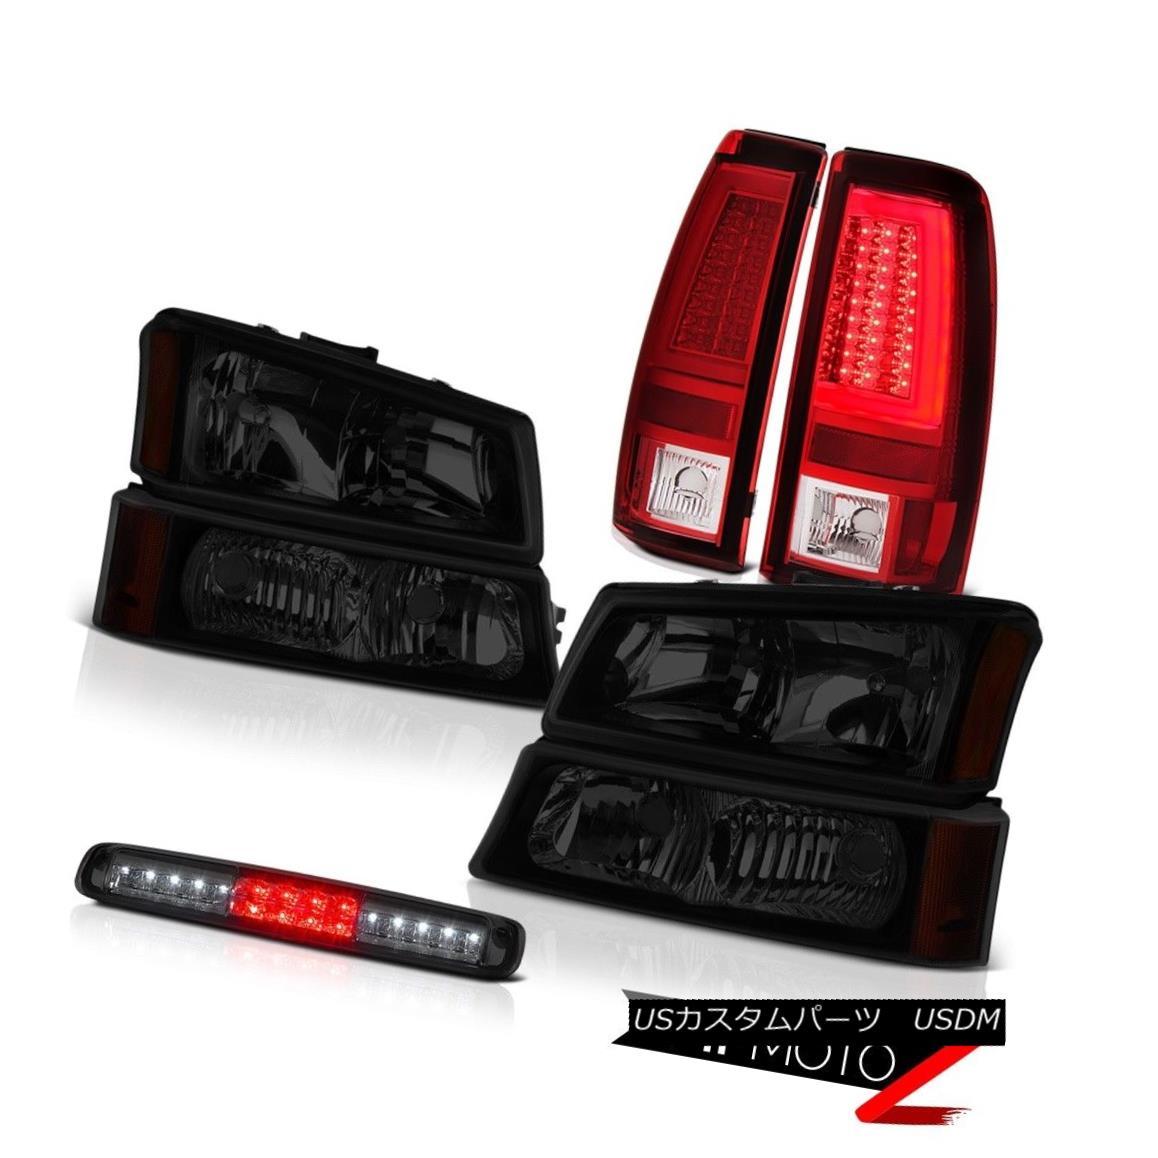 テールライト 03 04 05 06 Silverado Tail Brake Lamps Headlights Roof Cargo Lamp Tron Style LED 03 04 05 06 Silveradoテールブレーキランプヘッドライト屋根カーゴランプトロンスタイルLED